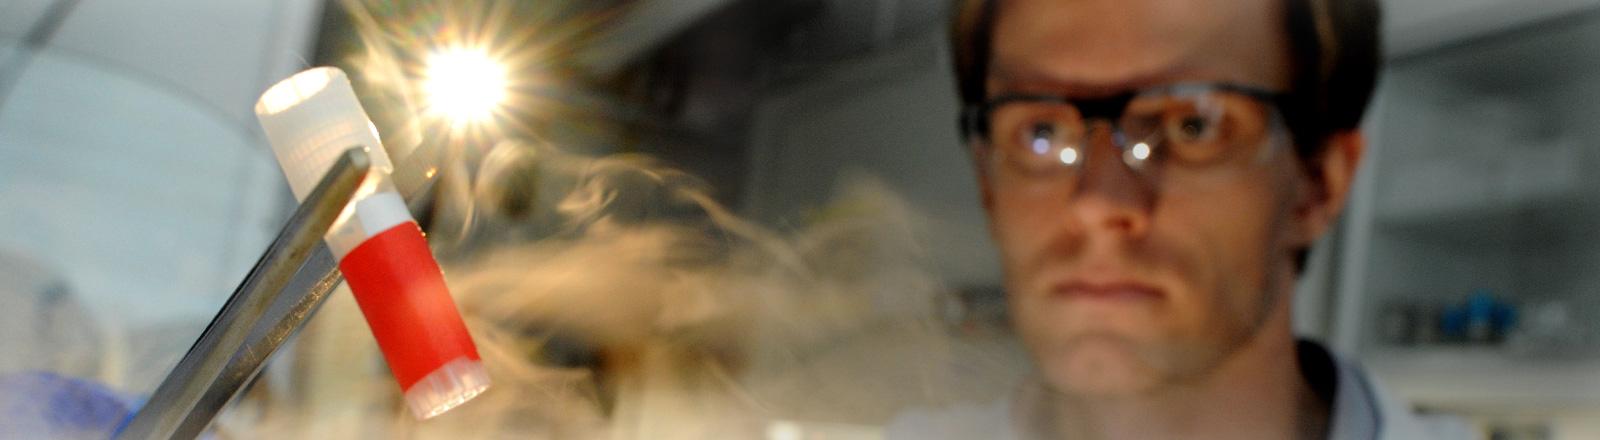 Ein Mann in einem Labor schaut gebannt auf ein Röhrchen, das aus einer dampfenden Schale emporgehalten wird